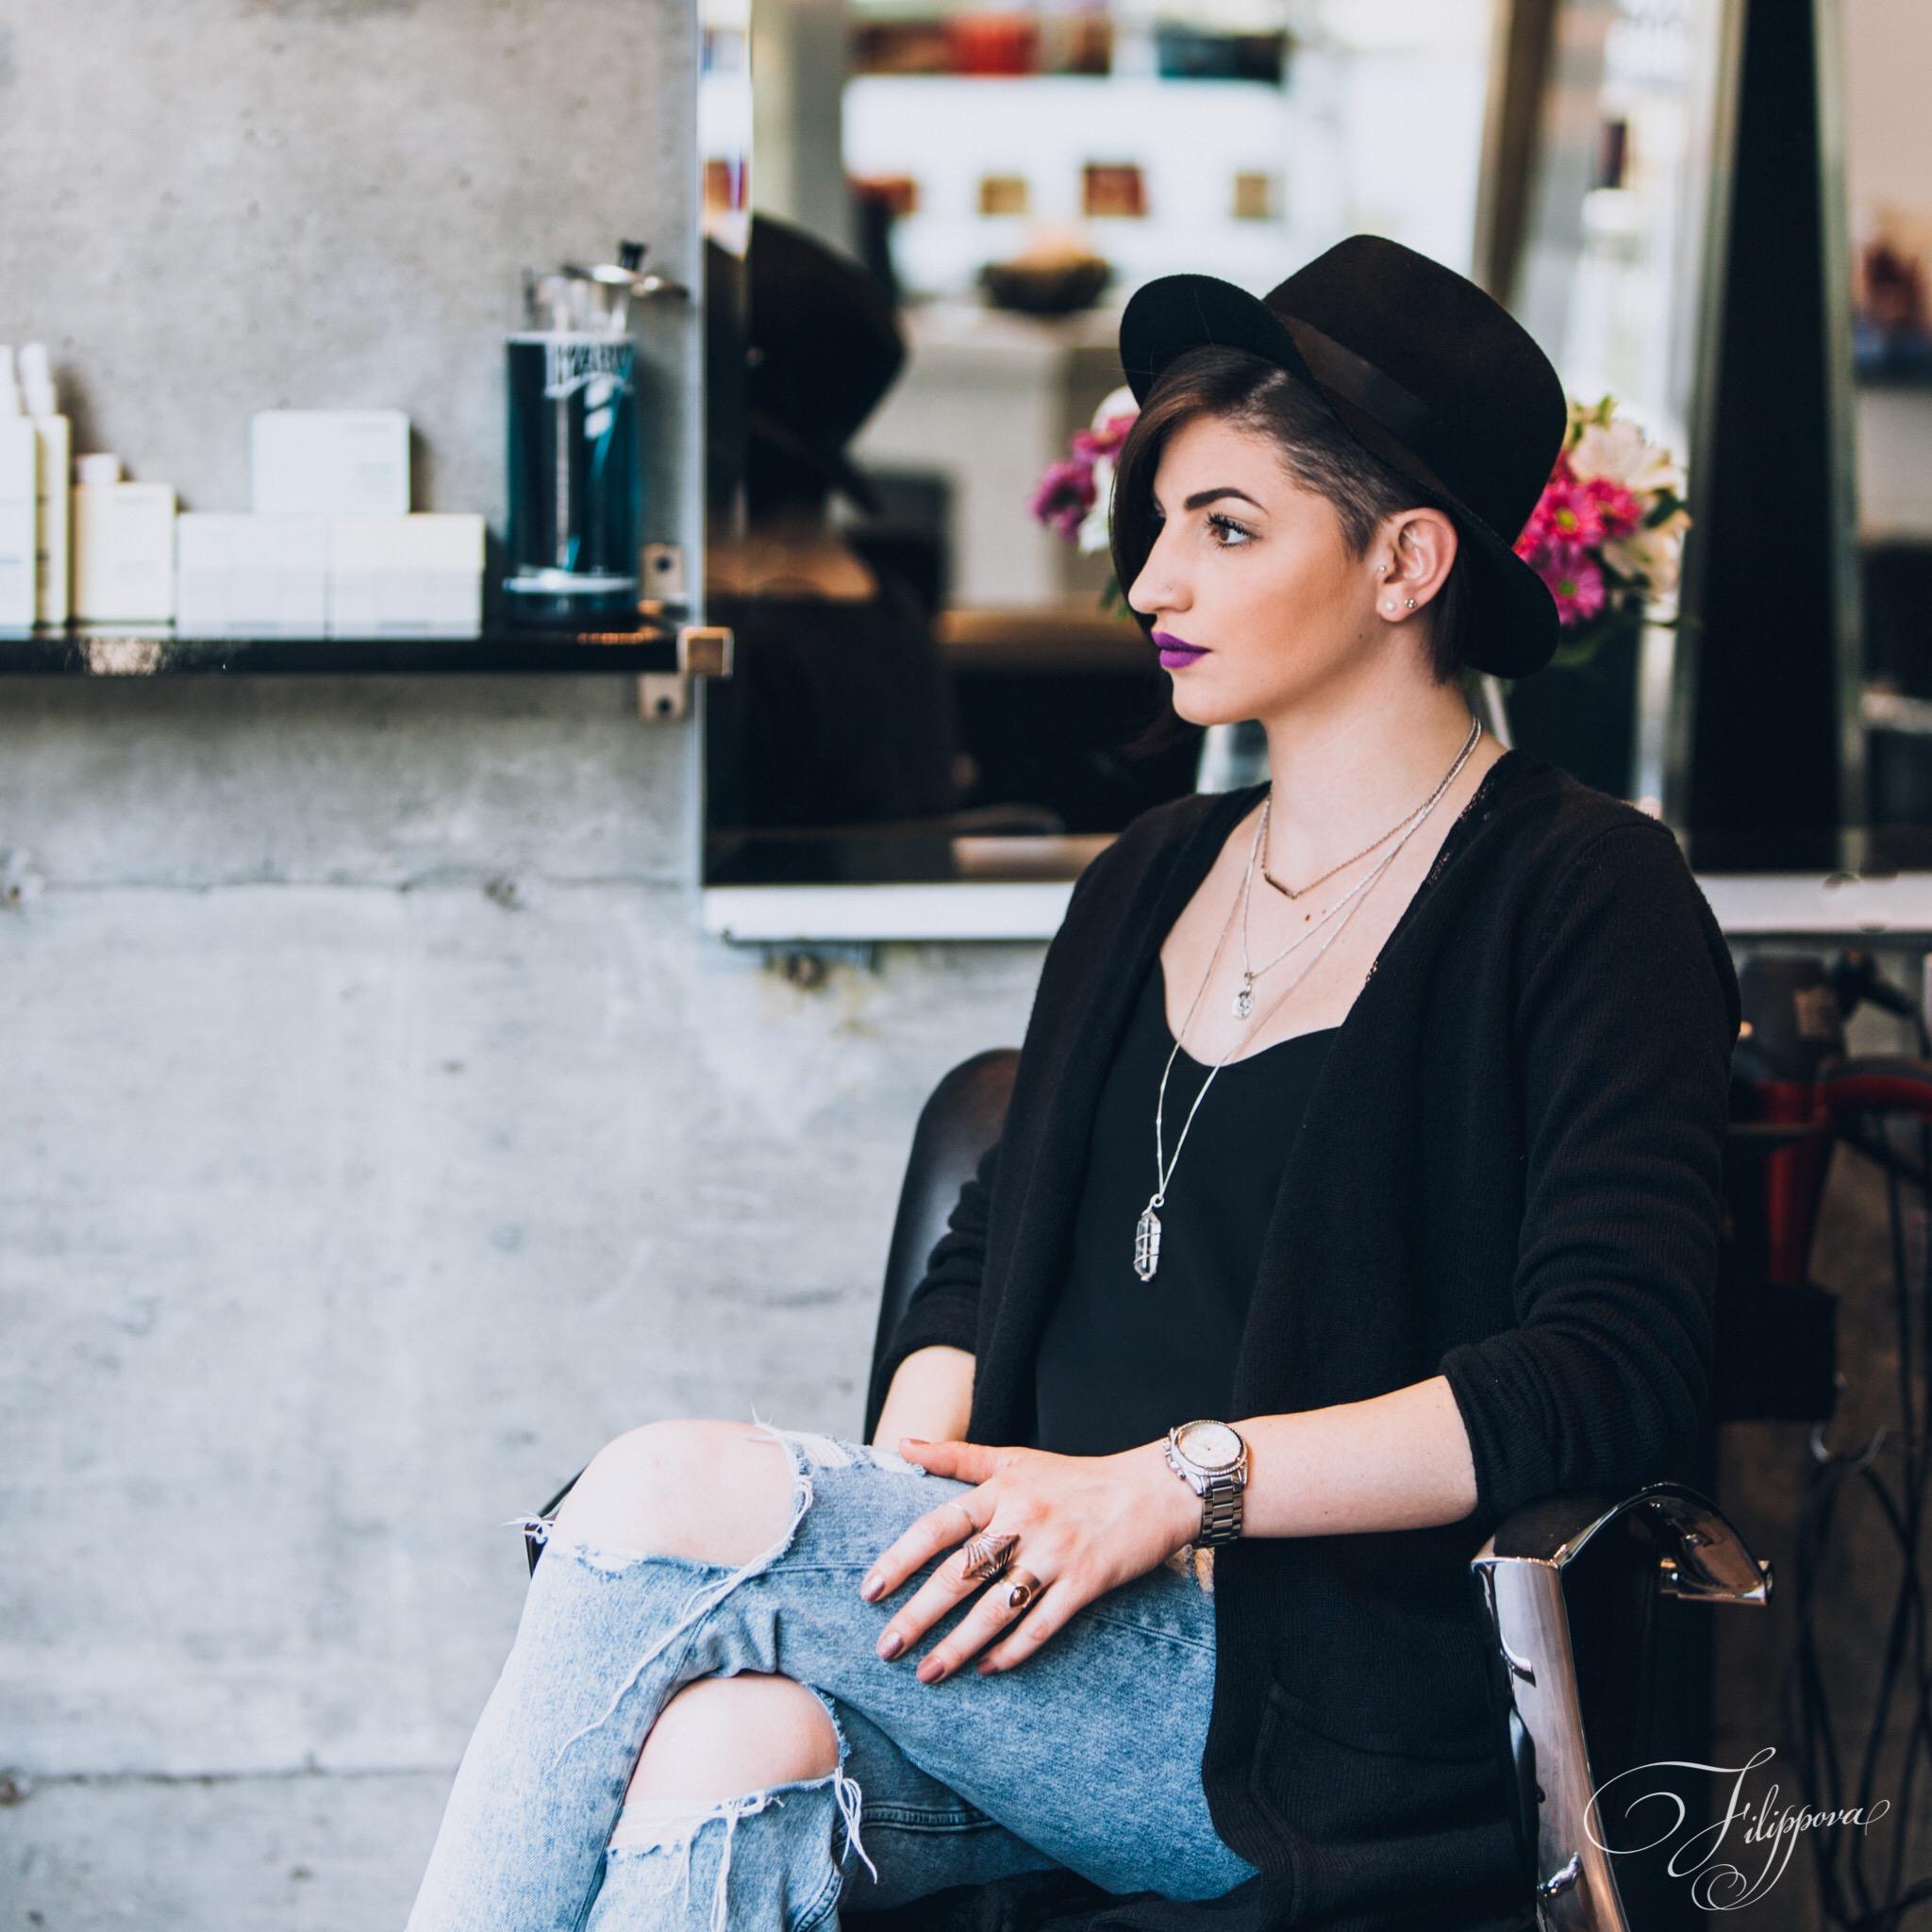 Vancouver Boudoir & Portrait Photographer